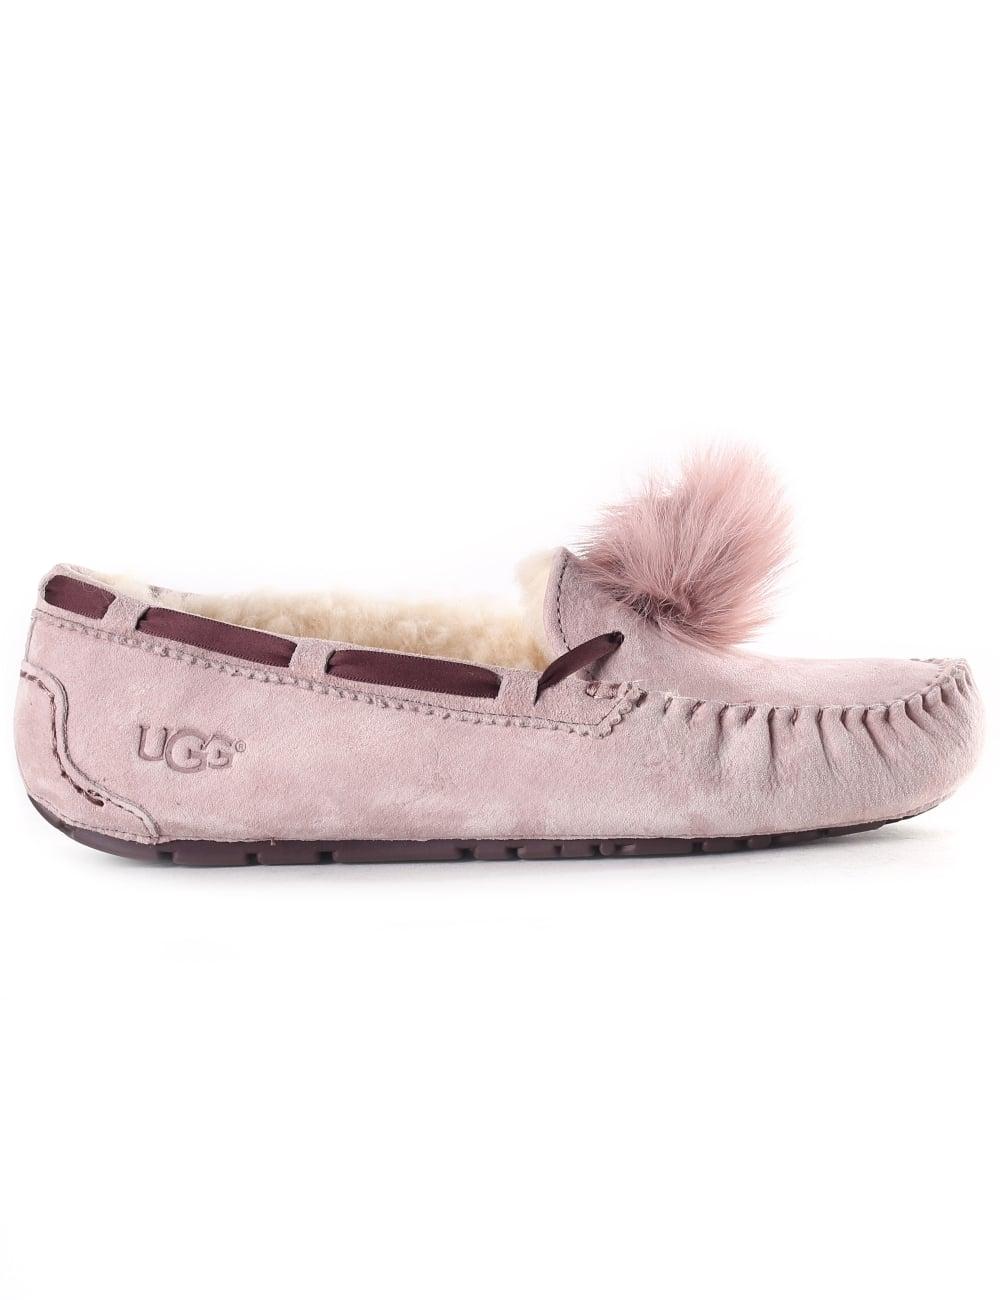 f77dc9b751c UGG Dakota Pom Pom Women's Slippers